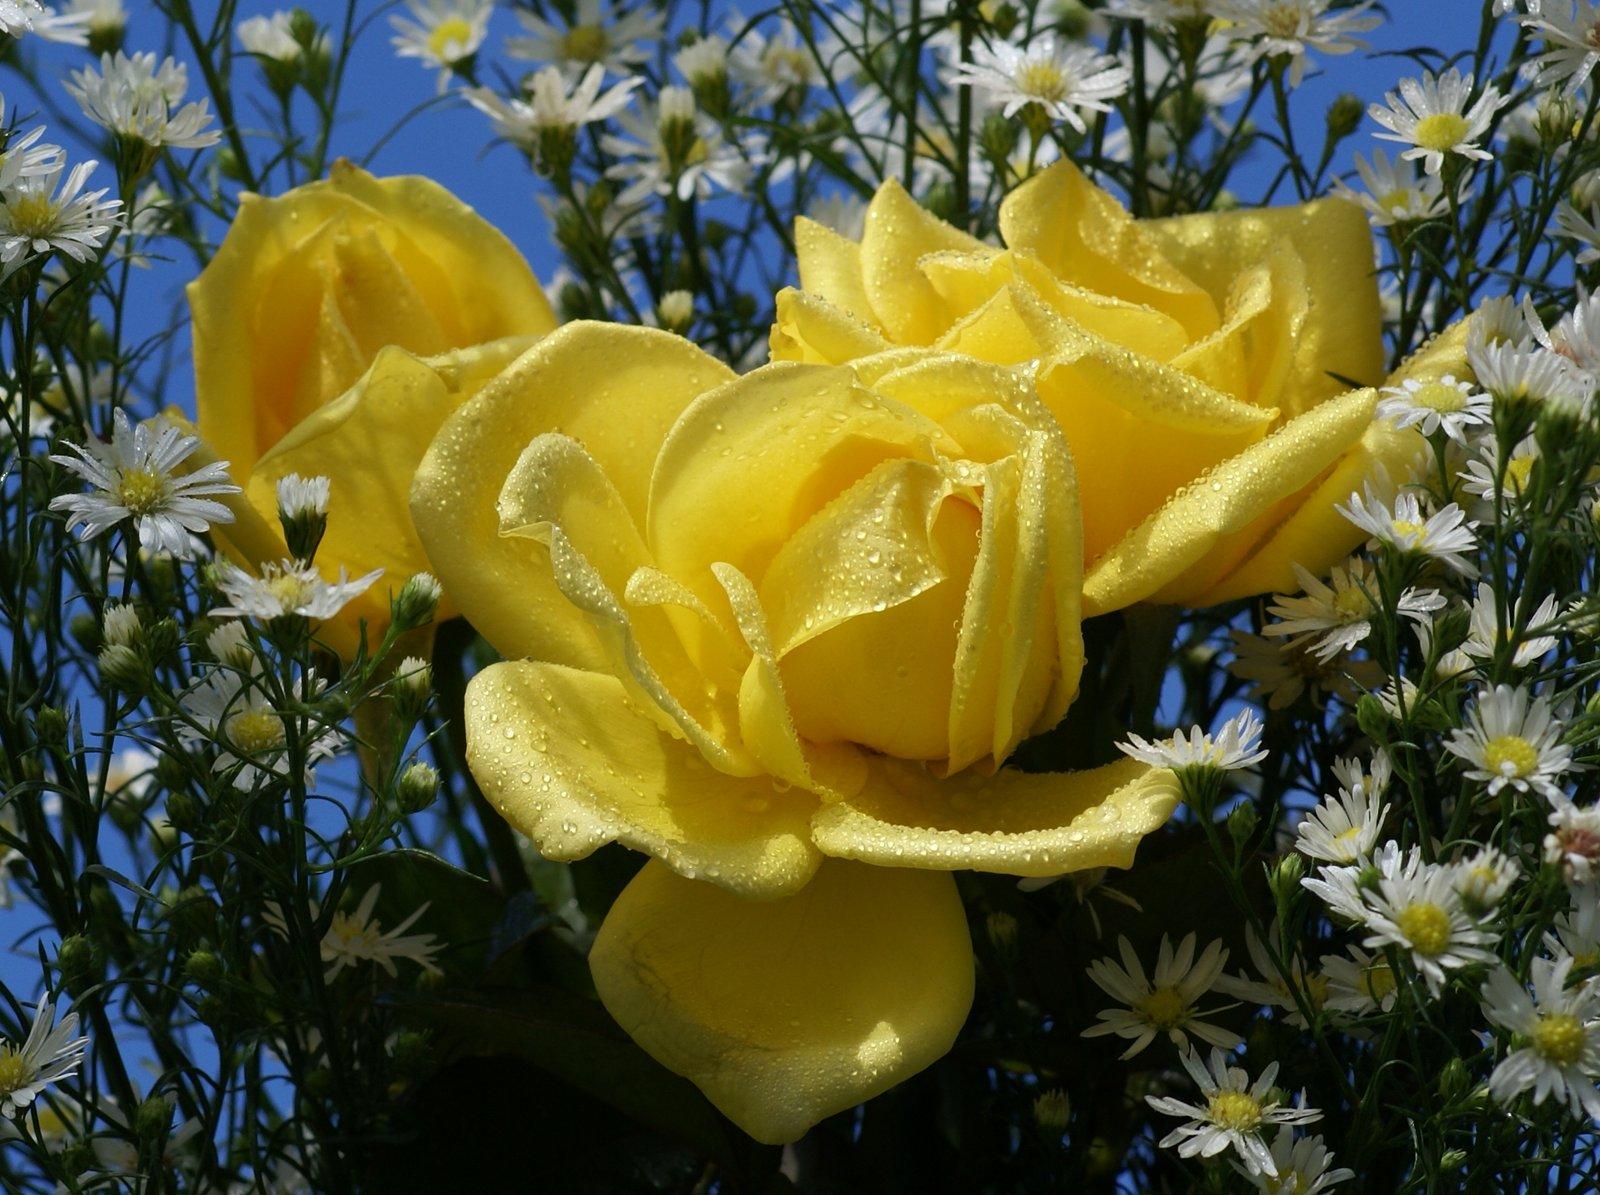 Bienvenidos al nuevo foro de apoyo a Noe #205 / 21.12.14 ~ 25.12.14 - Página 38 Rosas_mas_hermosas-dsc01844-a1